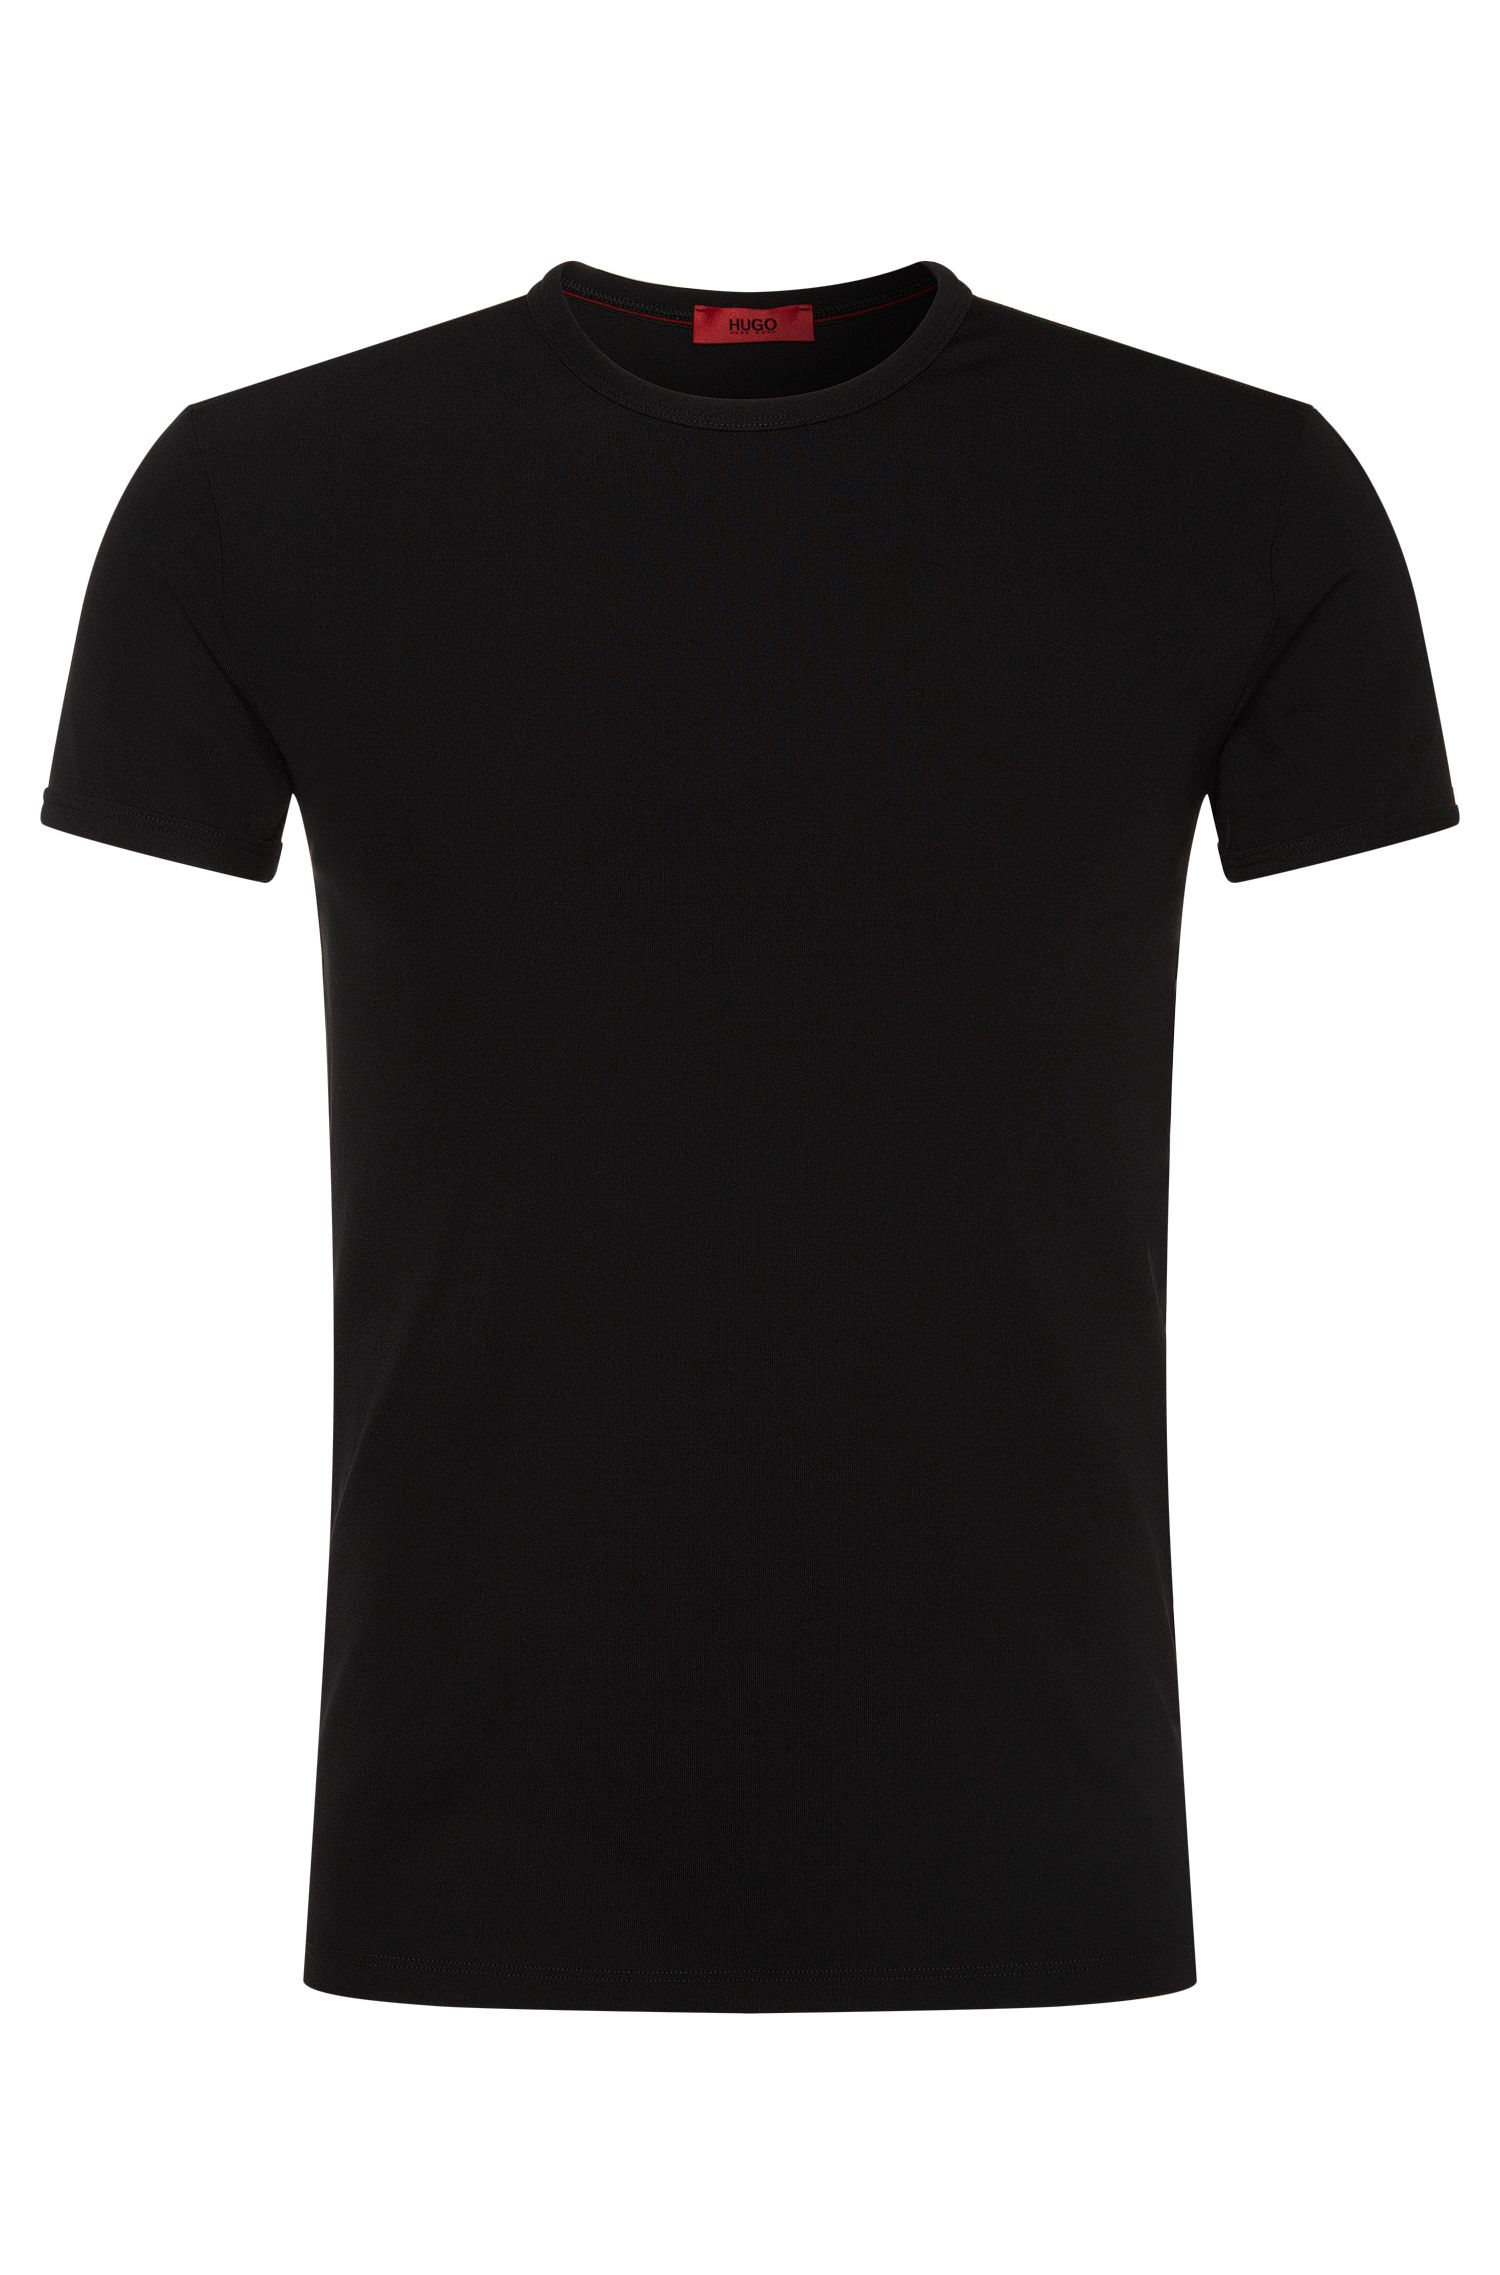 Unifarbenes T-Shirt aus elastischer Microfaser: 'RN'